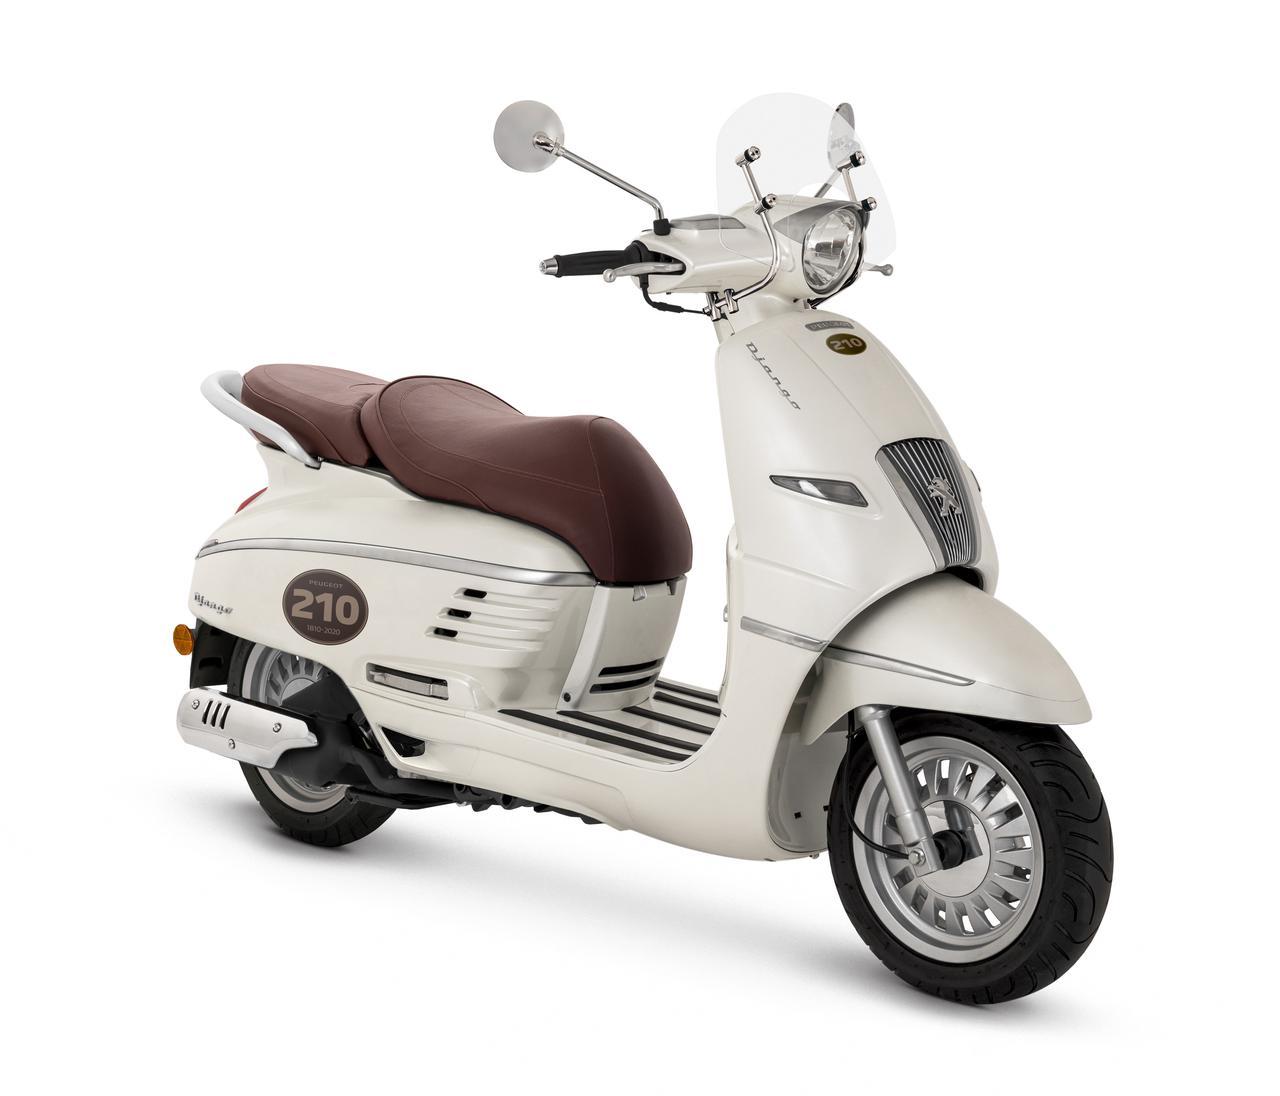 画像: PEUGEOT MOTOCYCLES DJANGO125 Classic ABS 総排気量:125cc エンジン形式:空冷4ストOHC2バルブ単気筒 シート高:770mm 乾燥重量:129kg 受注開始日:2021年7月30日(金) 発売予定時期:2021年10月初旬 税込価格:43万7800円